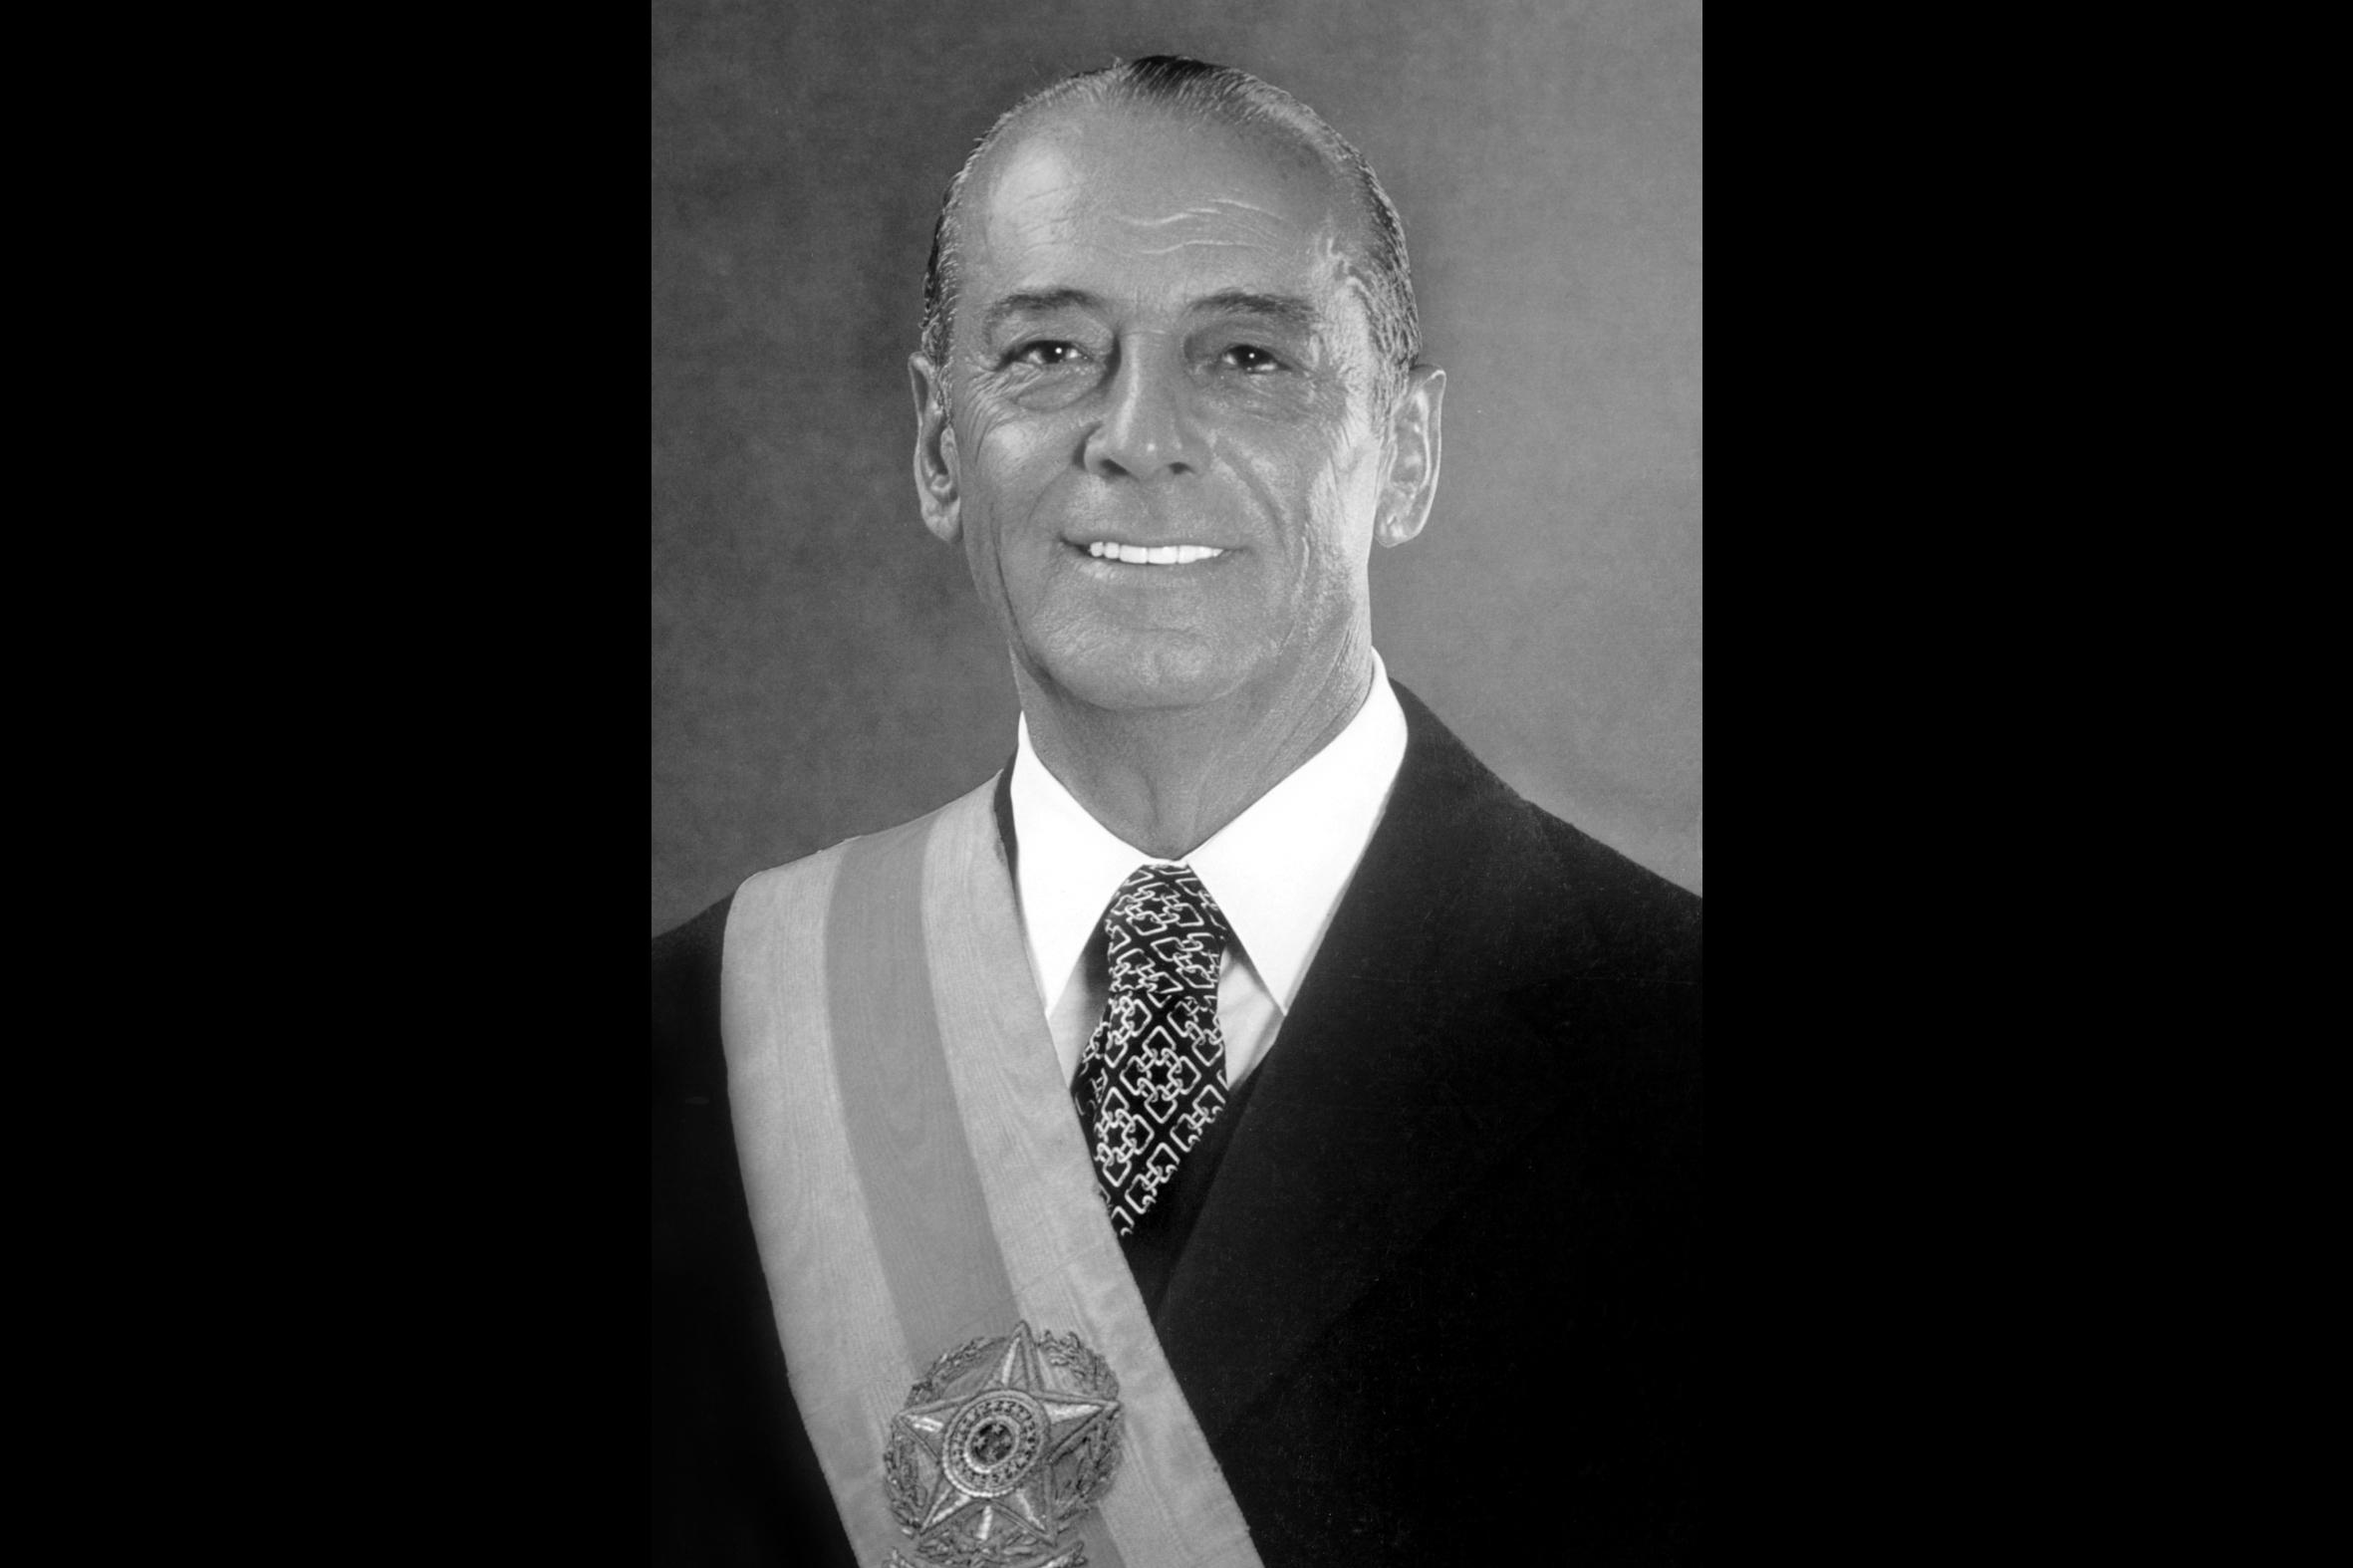 João-Figueiredo um dos presidentes militares do Brasil